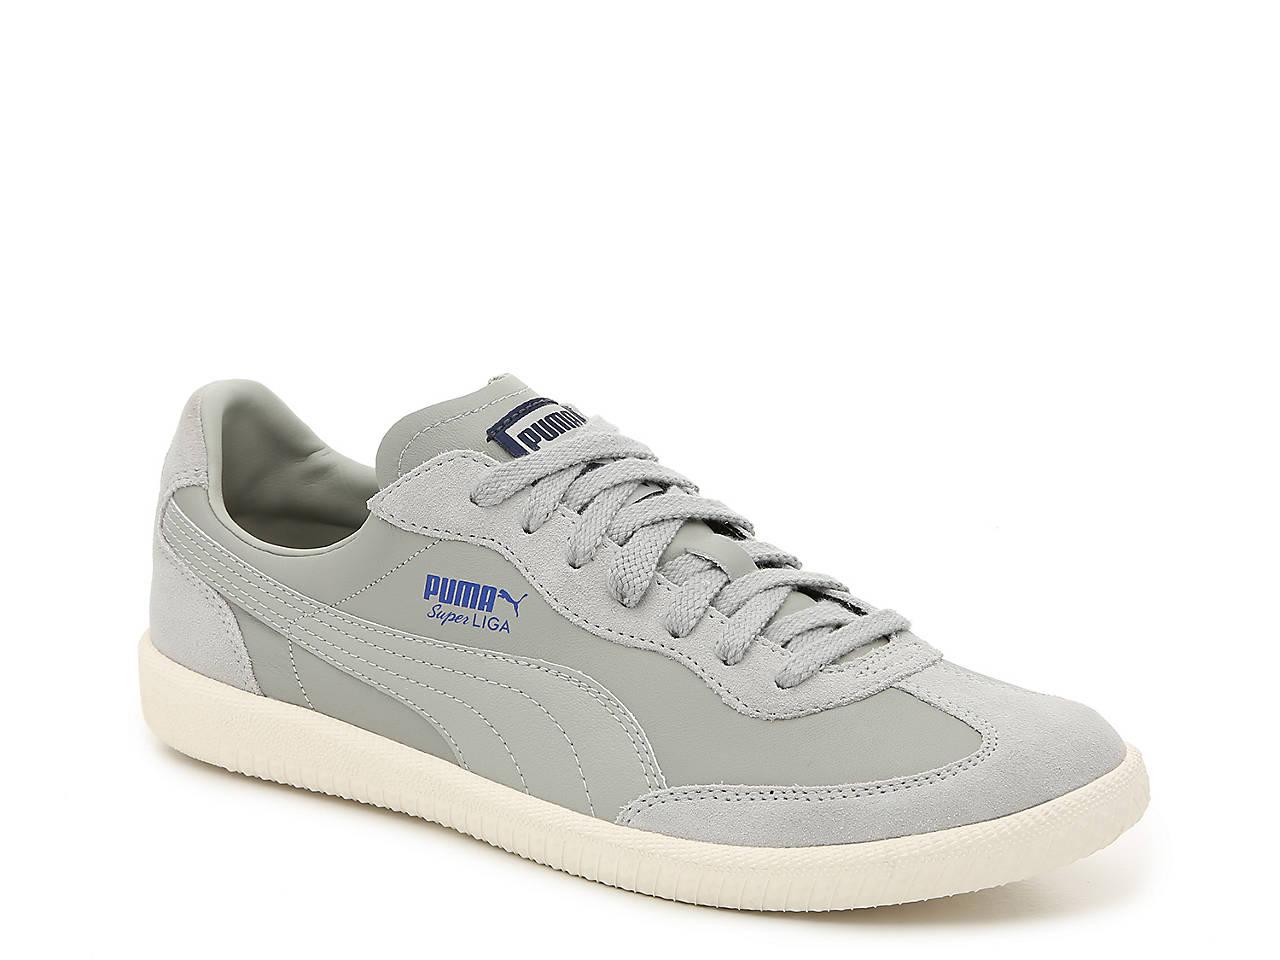 Puma Super Liga OG Retro Sneaker - Men s Men s Shoes  7c999d91e